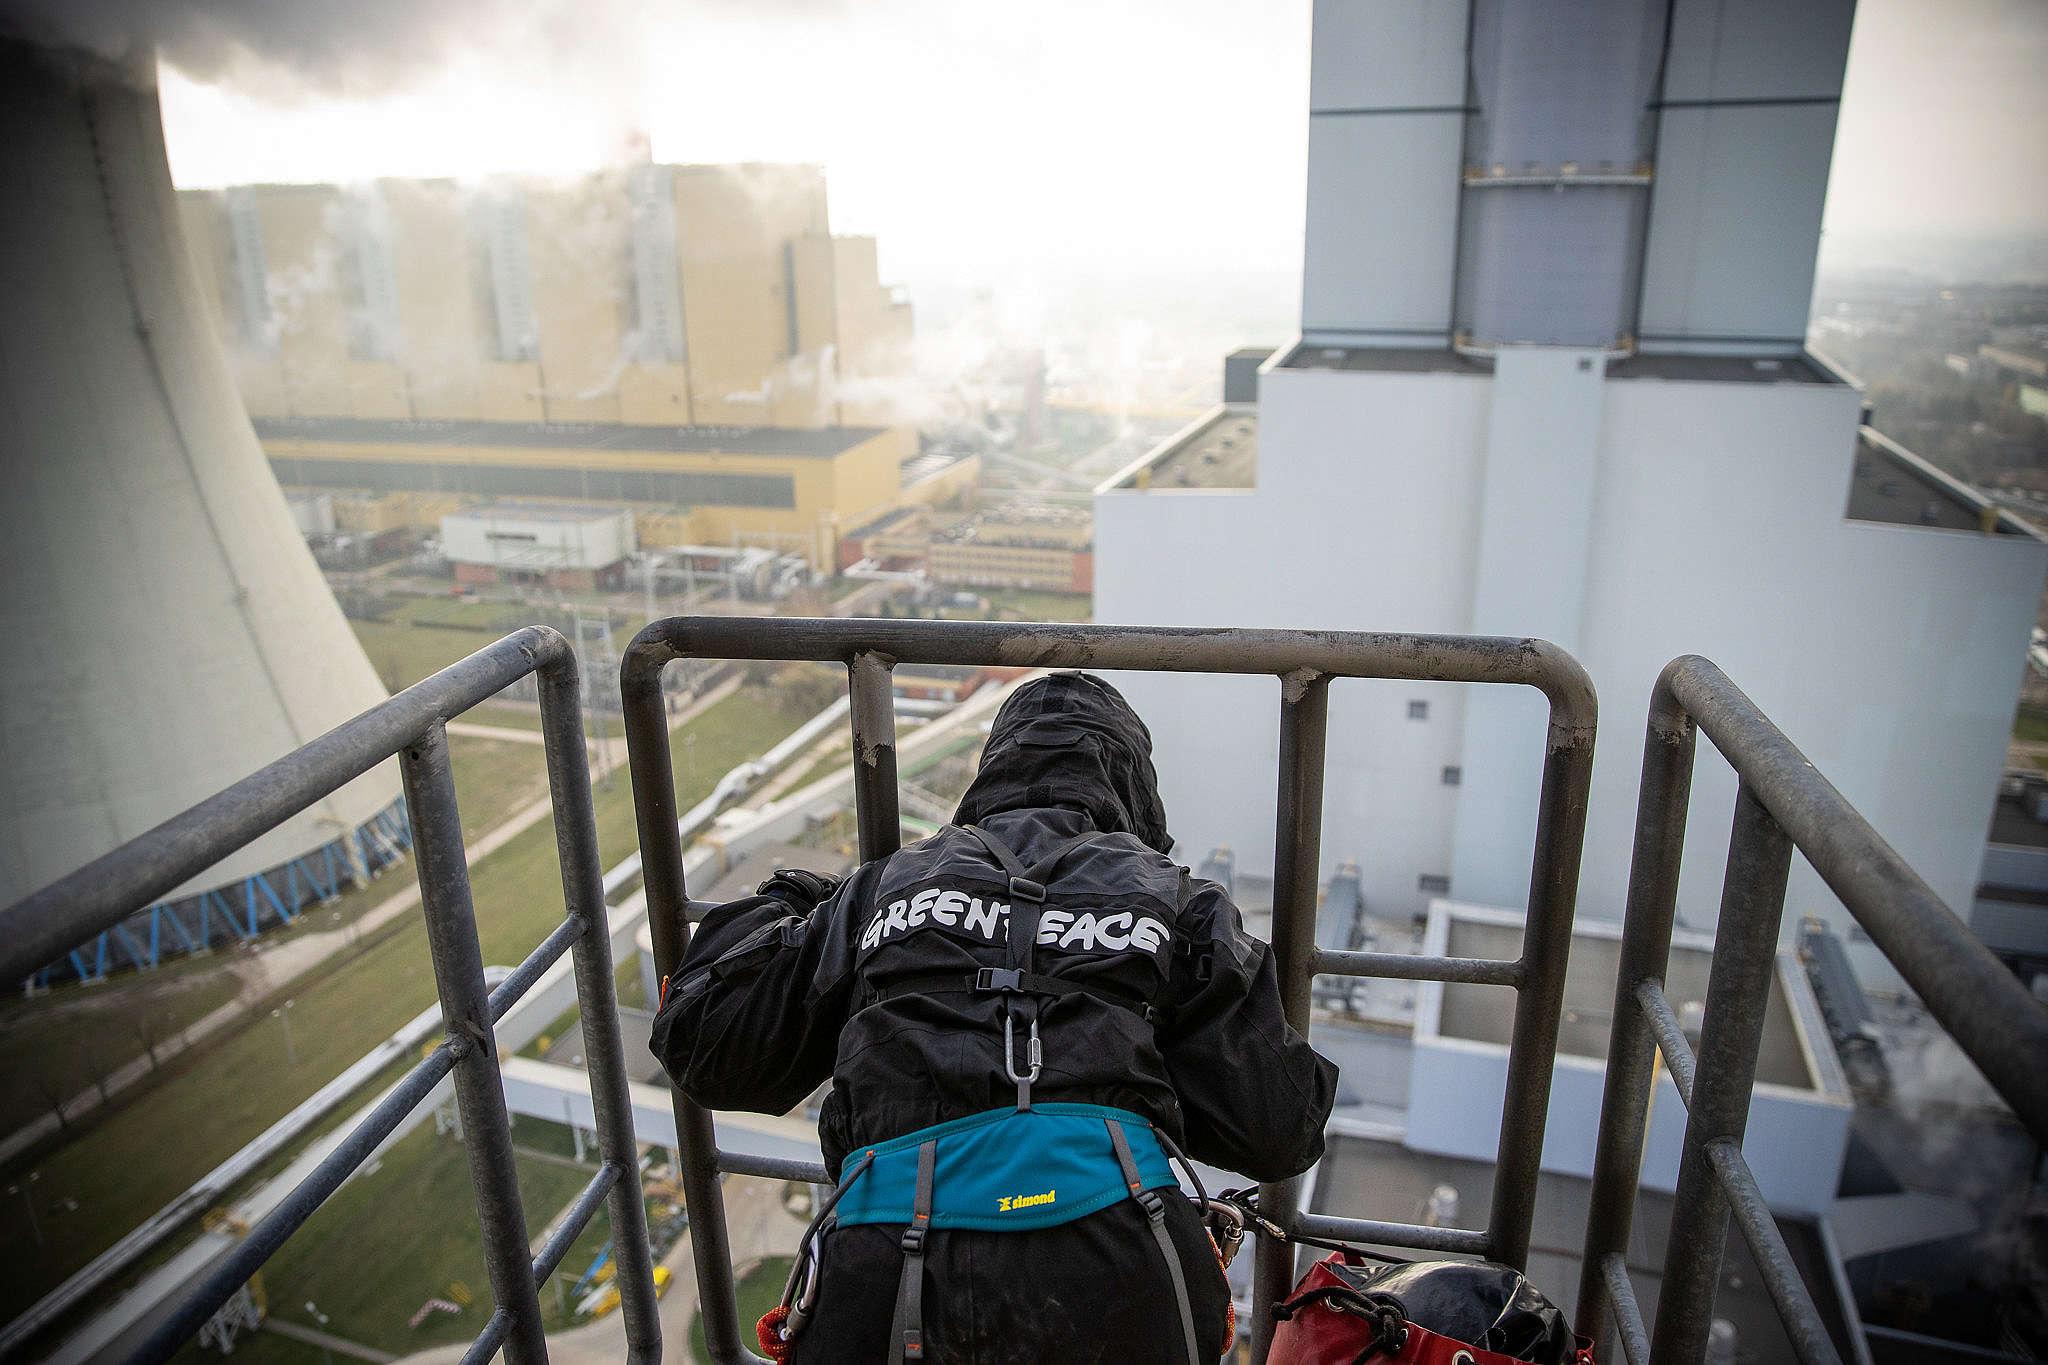 Bełchatów - Polska bez węgla 2030